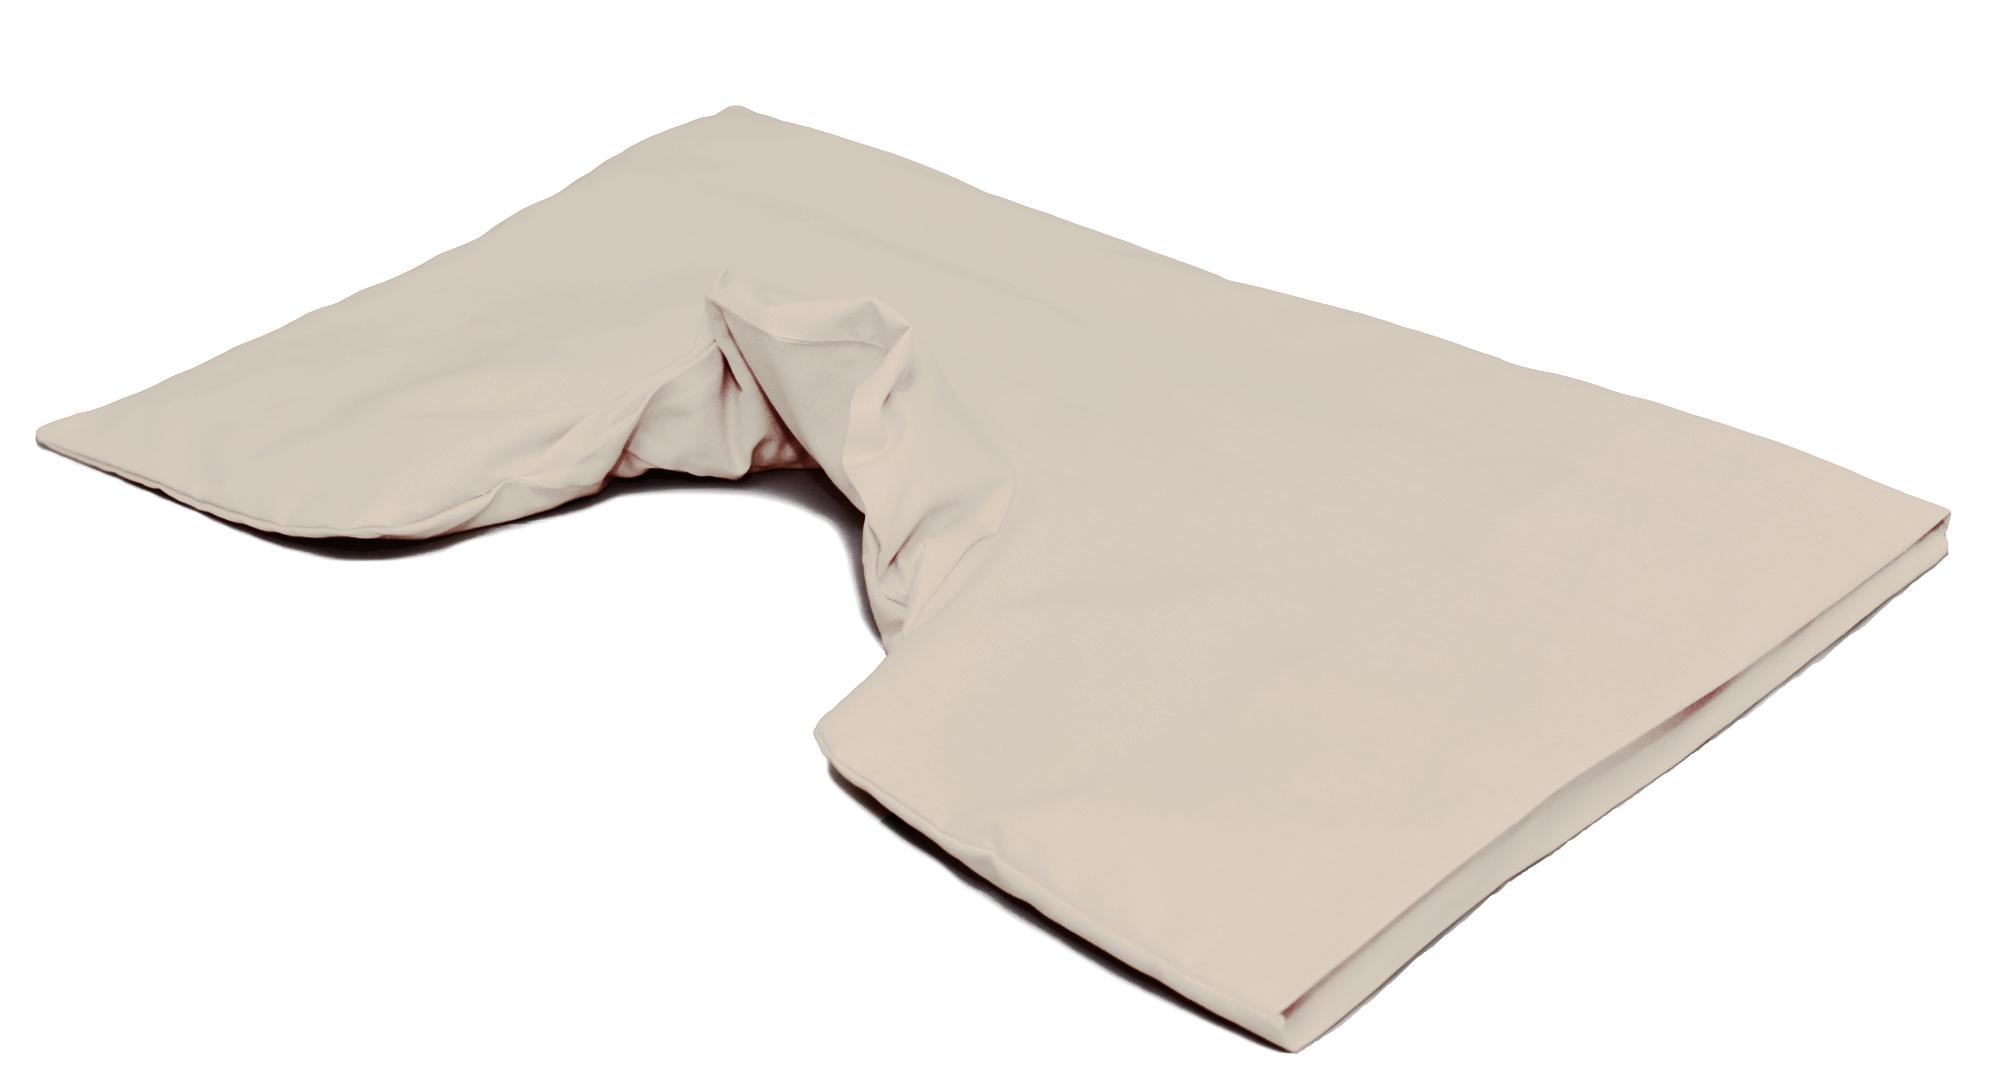 bio kissenbezug f r unsere nacken und schulterauflagen der gr e 50x35cm giraffenland. Black Bedroom Furniture Sets. Home Design Ideas